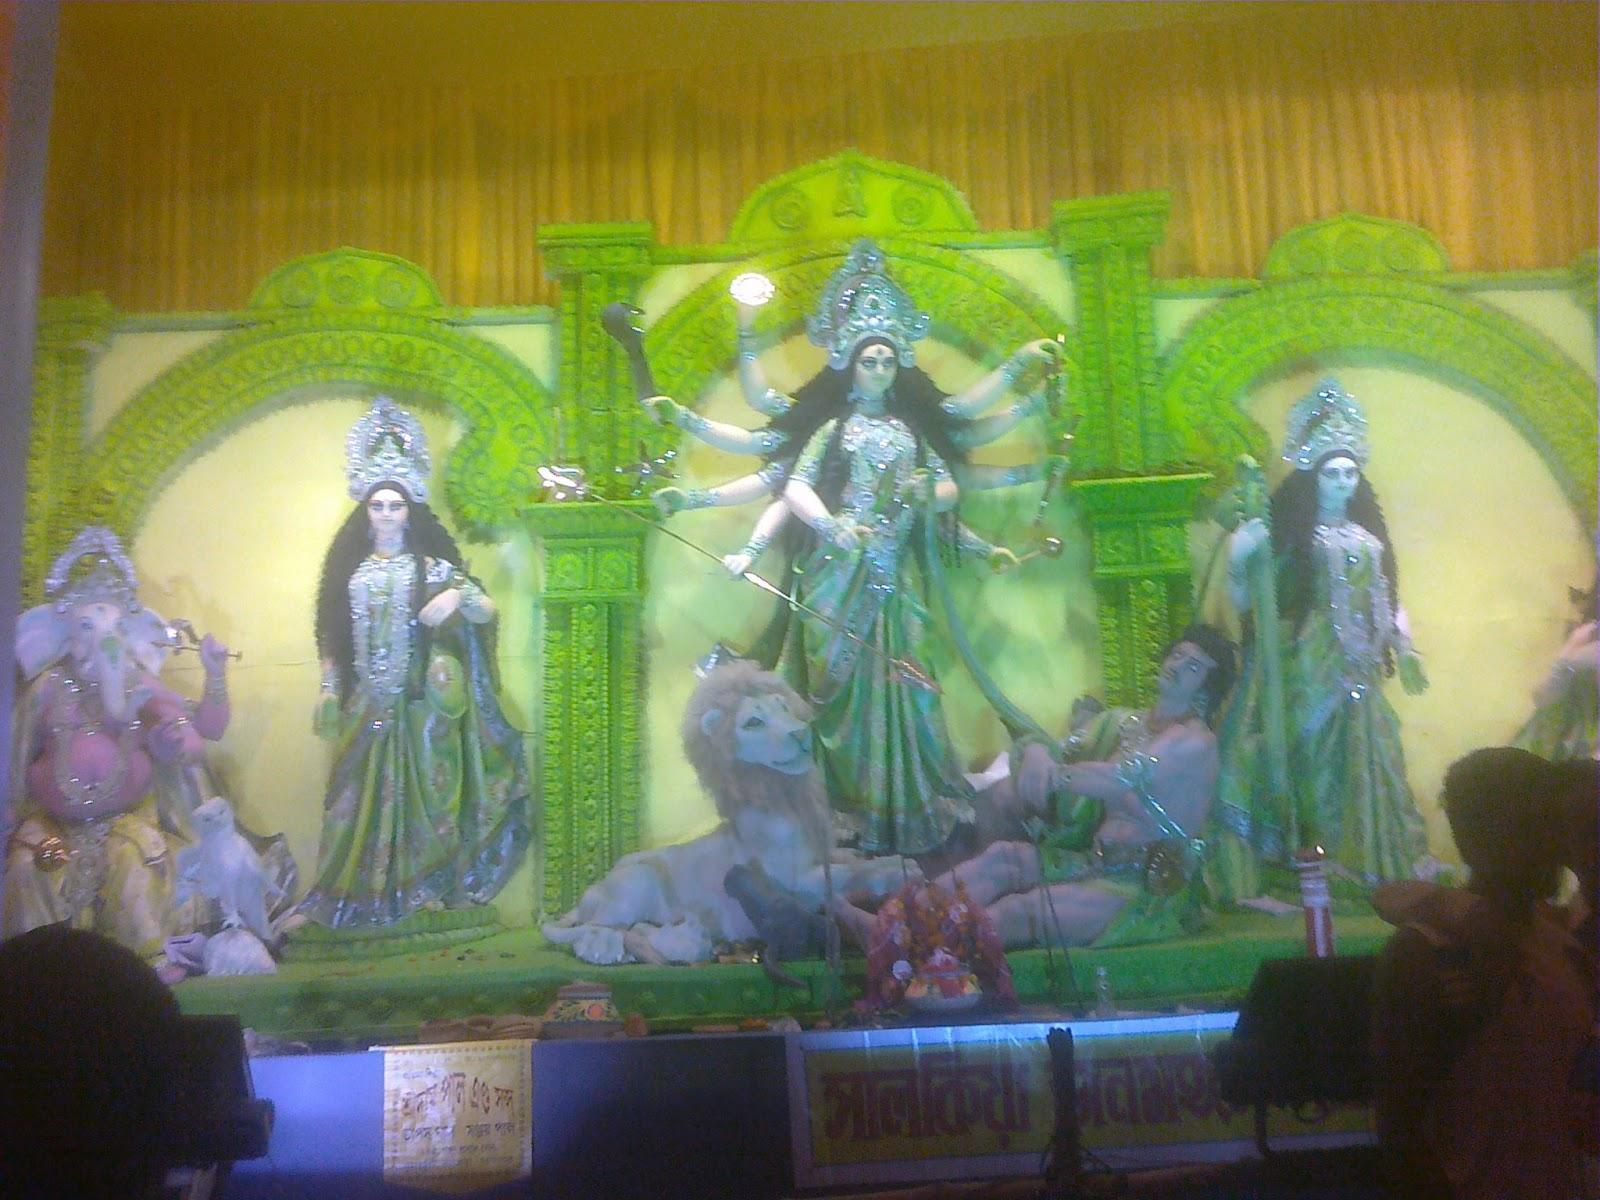 durgapuja kolkata 2011 godess durga hindu deity maa durga lakshmi saraswati kartik ganesh